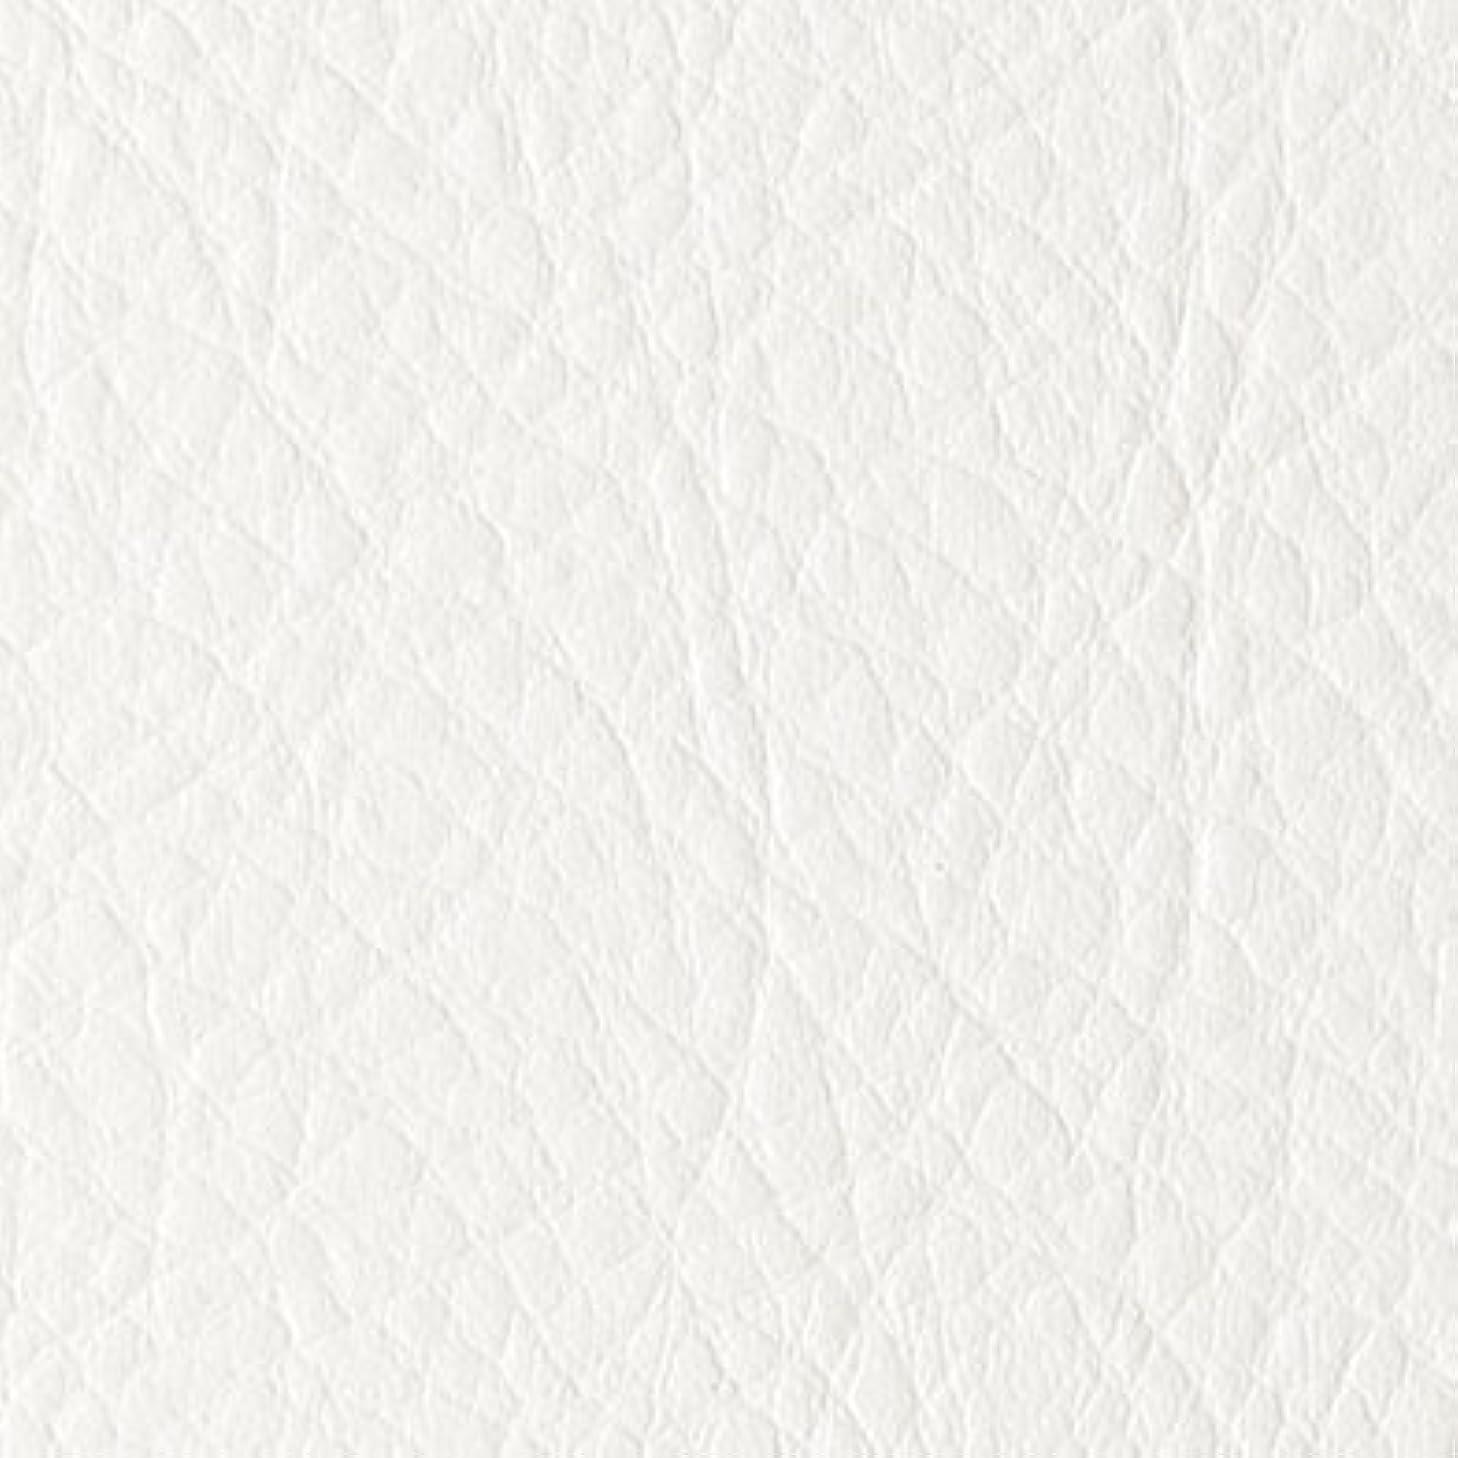 ピークイブ診療所ポリエステル化粧合板 ブラック&ホワイト LP-6200Q 4x8